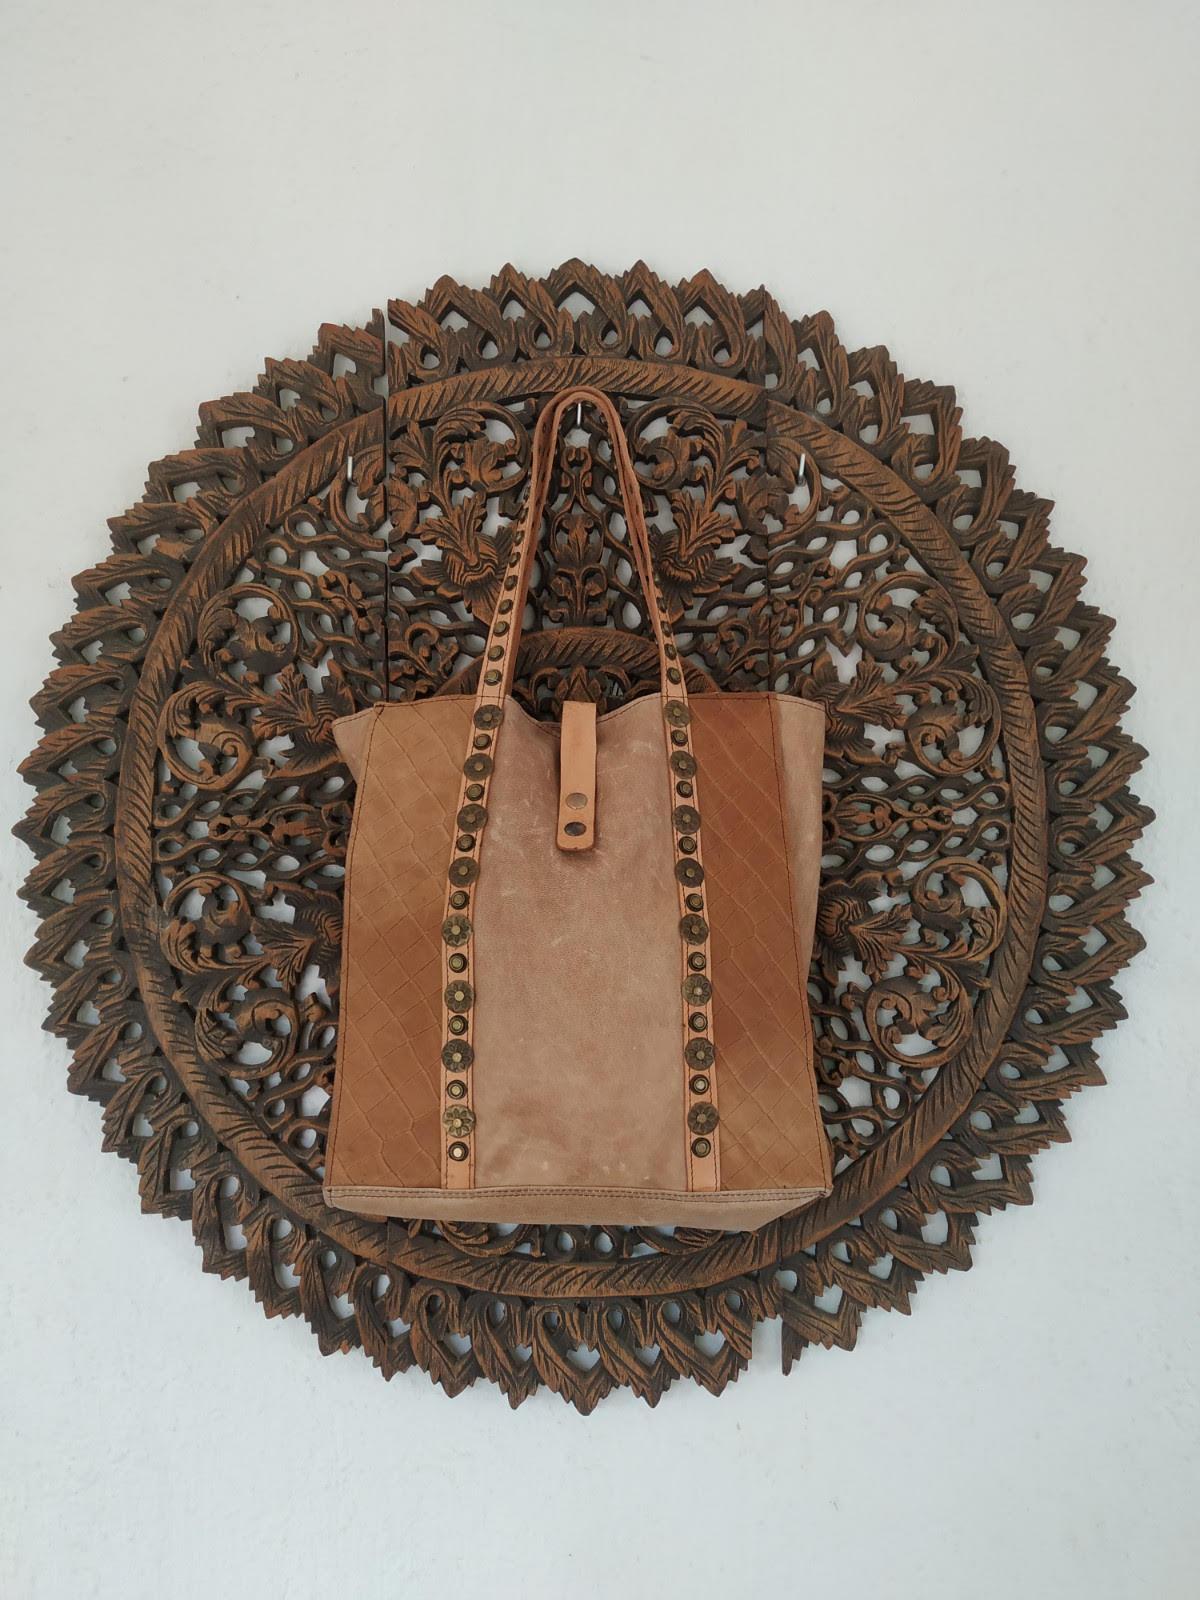 miuma-bolso-marron-piel-tachas-complemento-moda-cambrils